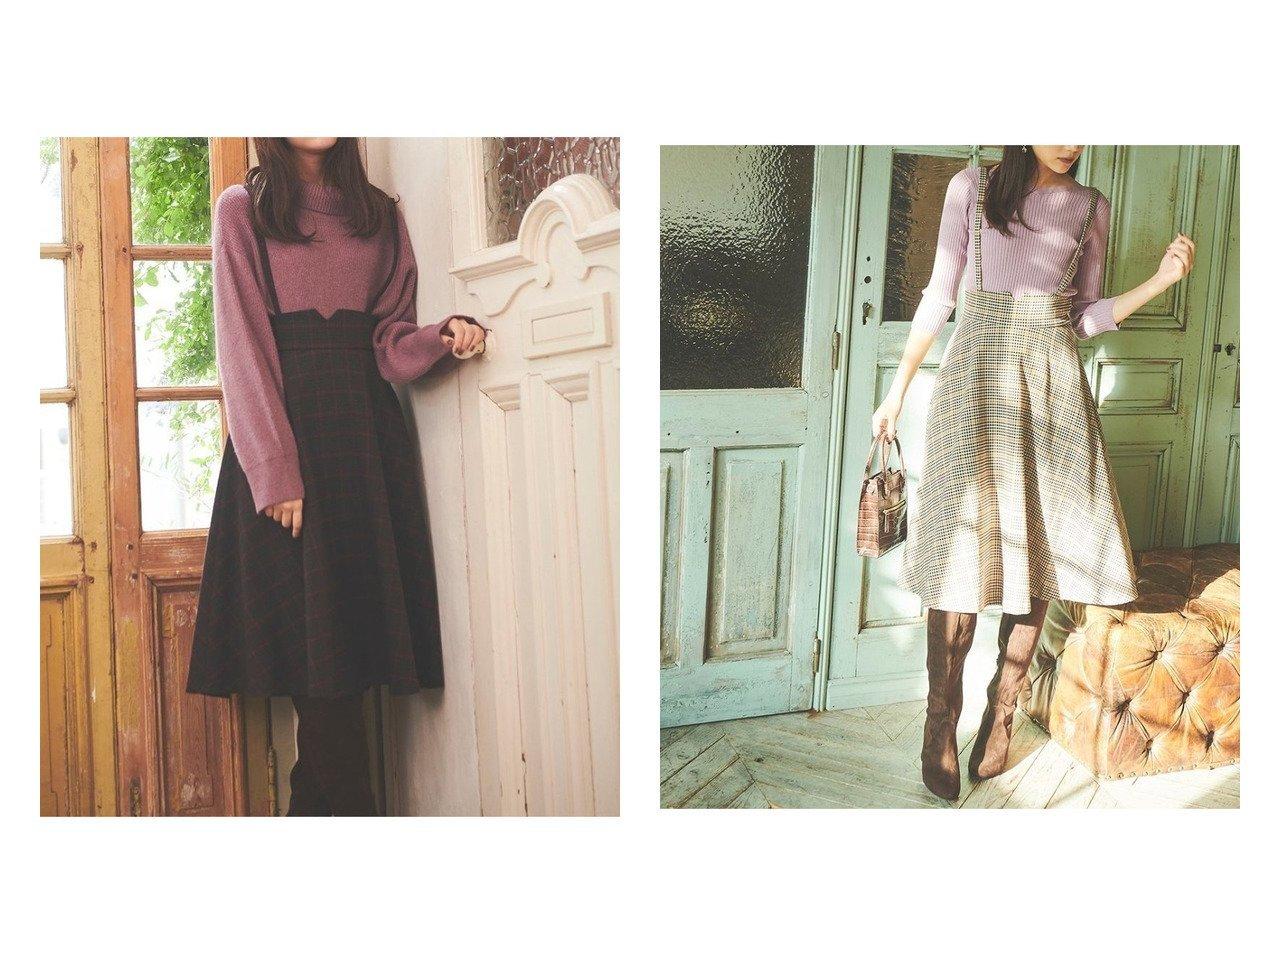 【31 Sons de mode/トランテアン ソン ドゥ モード】のサス付きチェックフレアスカート スカートのおすすめ!人気、トレンド・レディースファッションの通販  おすすめで人気の流行・トレンド、ファッションの通販商品 メンズファッション・キッズファッション・インテリア・家具・レディースファッション・服の通販 founy(ファニー) https://founy.com/ ファッション Fashion レディースファッション WOMEN スカート Skirt Aライン/フレアスカート Flared A-Line Skirts アクセサリー イヤーカフ 秋 カットソー サスペンダー シューズ ショート タートルネック チェック トレーナー ネックレス ハイネック フェミニン フレア 冬 Winter A/W 秋冬 AW Autumn/Winter / FW Fall-Winter 2020年 2020 2020-2021 秋冬 A/W AW Autumn/Winter / FW Fall-Winter 2020-2021 |ID:crp329100000009706